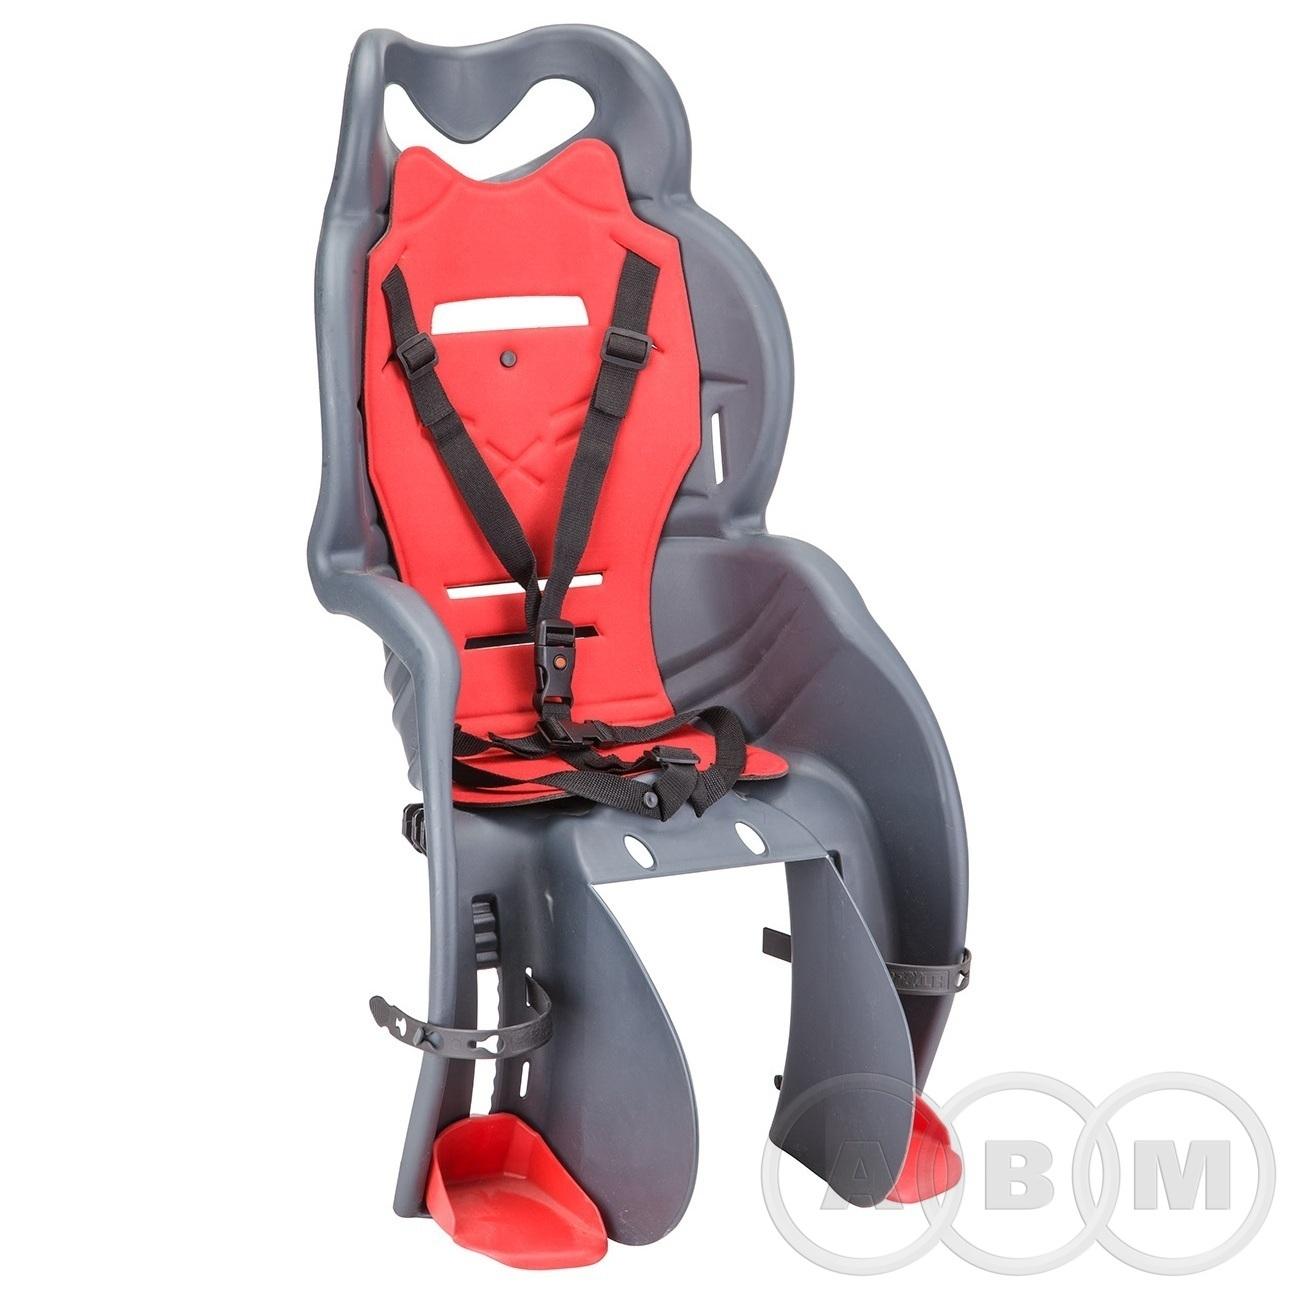 Кресло детское SANBAS P крепление на багажник,серое (280043)